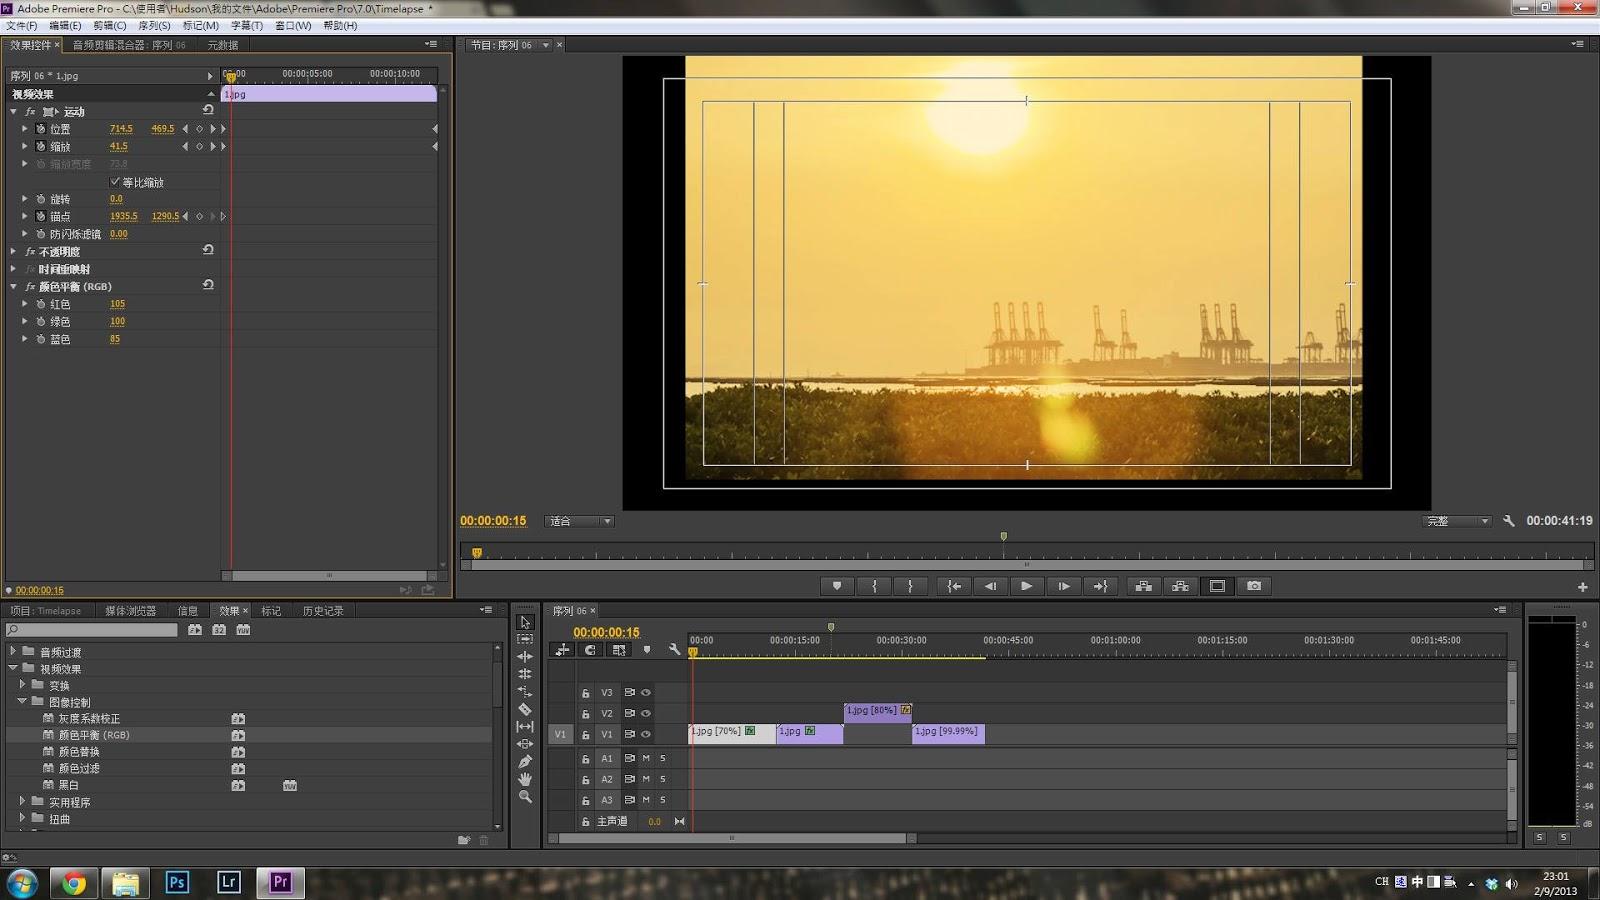 Превью на весь экран в Premiere CS6 25